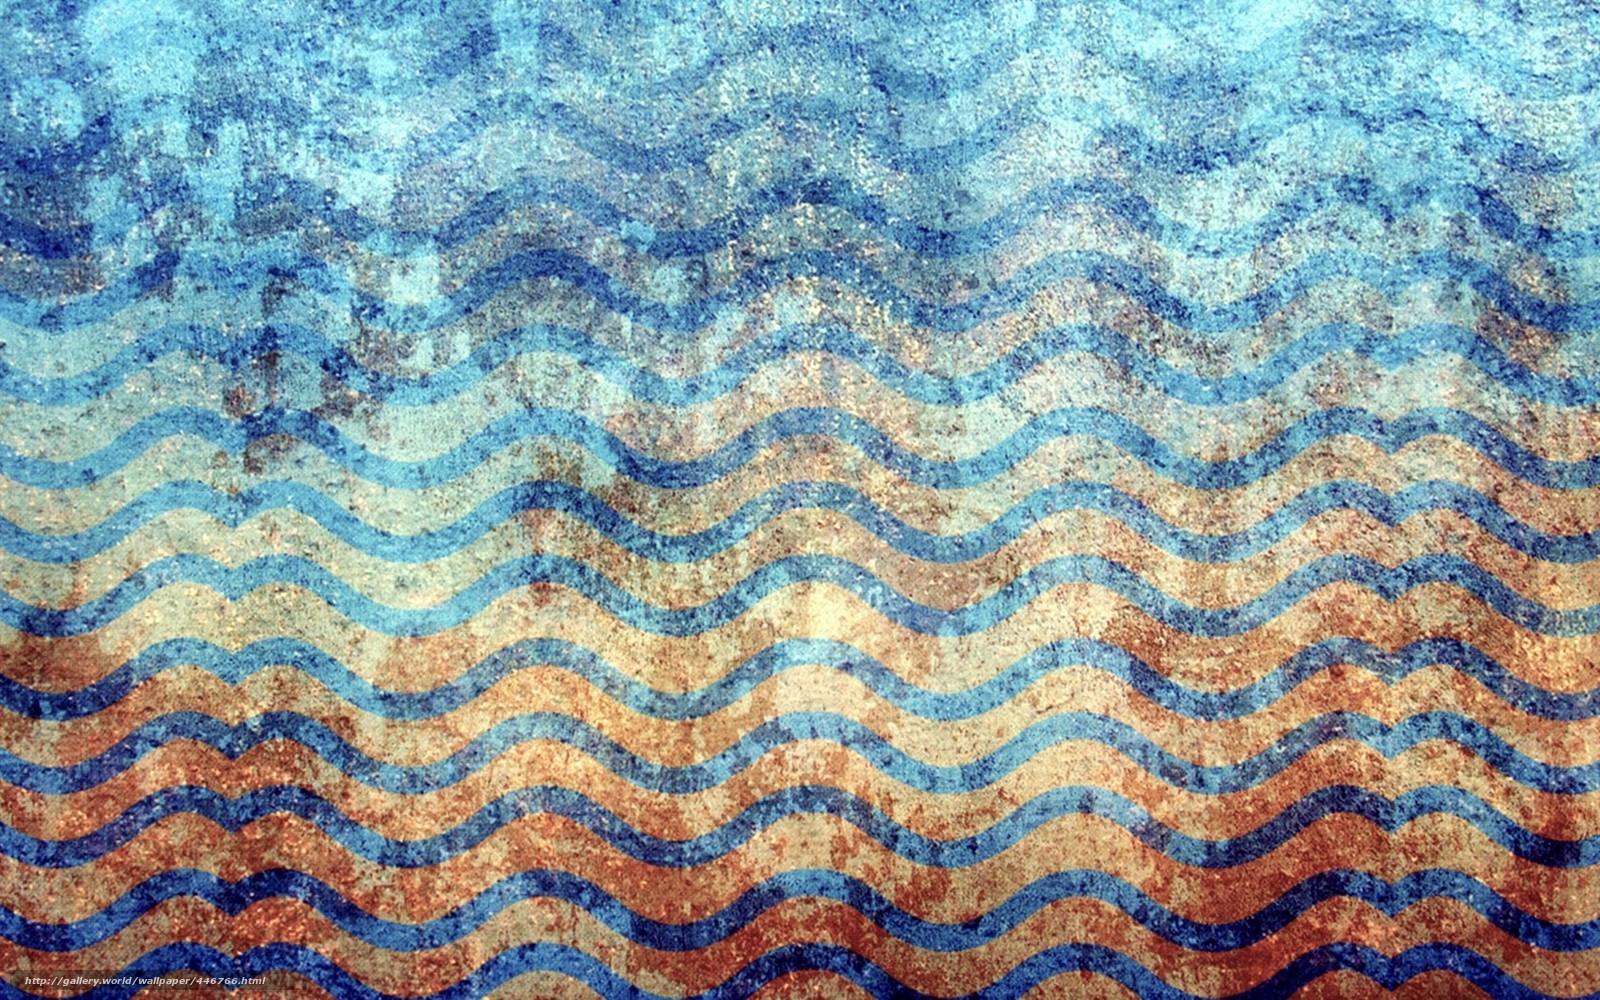 Tlcharger Fond d'ecran texture, fond, papier peint, flots Fonds d'ecran gratuits pour votre ...